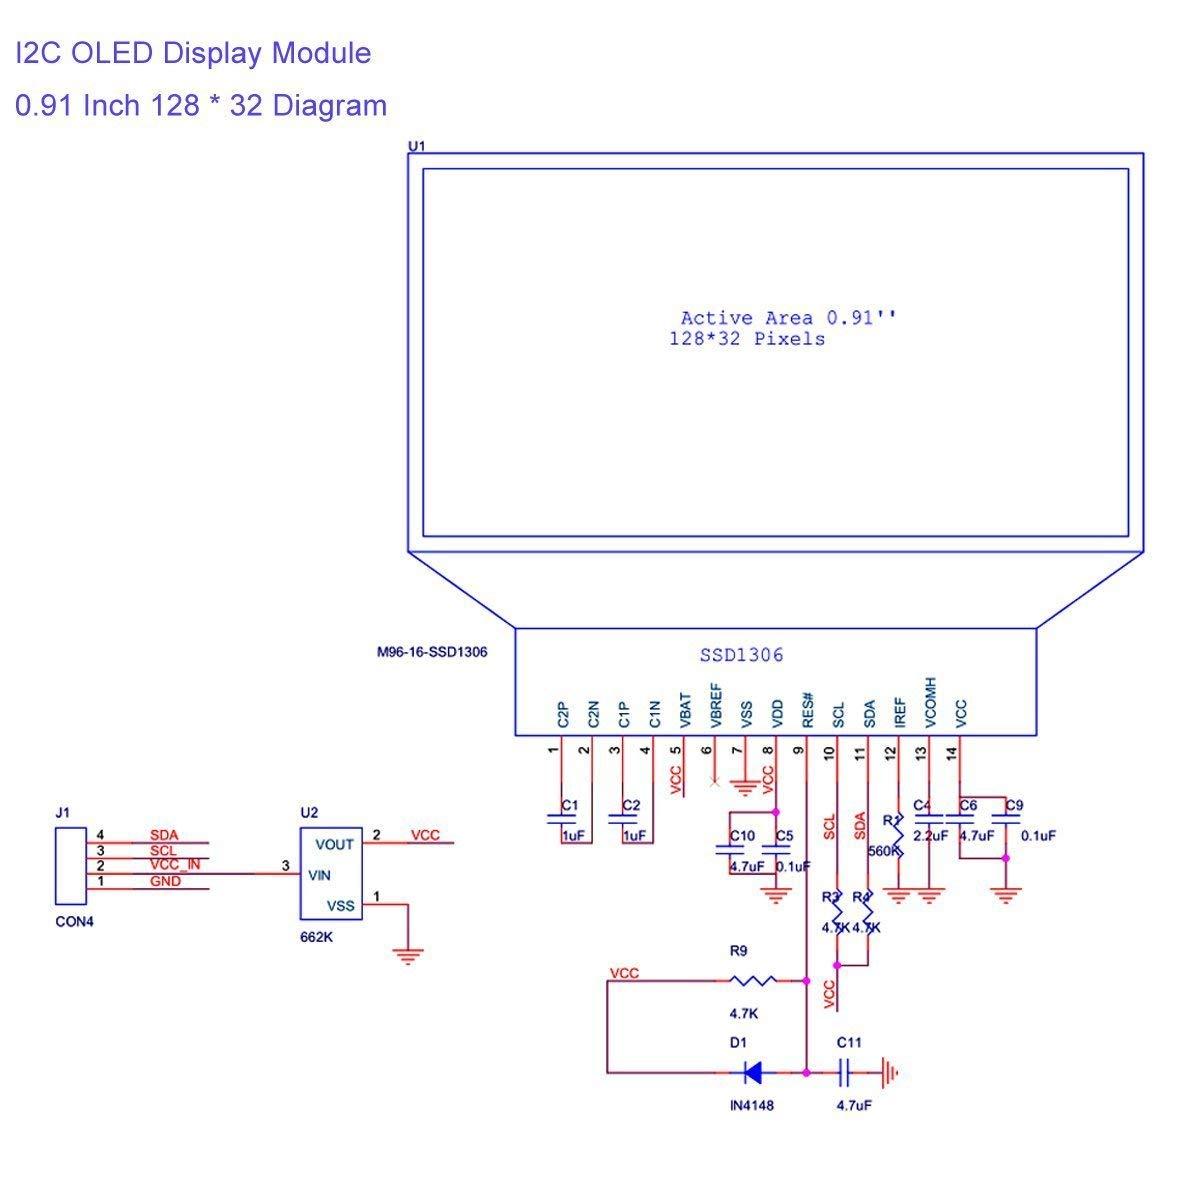 MakerHawk 2pcs I2C OLED Display Module 0 91 Inch I2C SSD1306 OLED Display  Module Blue I2C OLED Screen Driver DC 3 3V~5V for Arduino